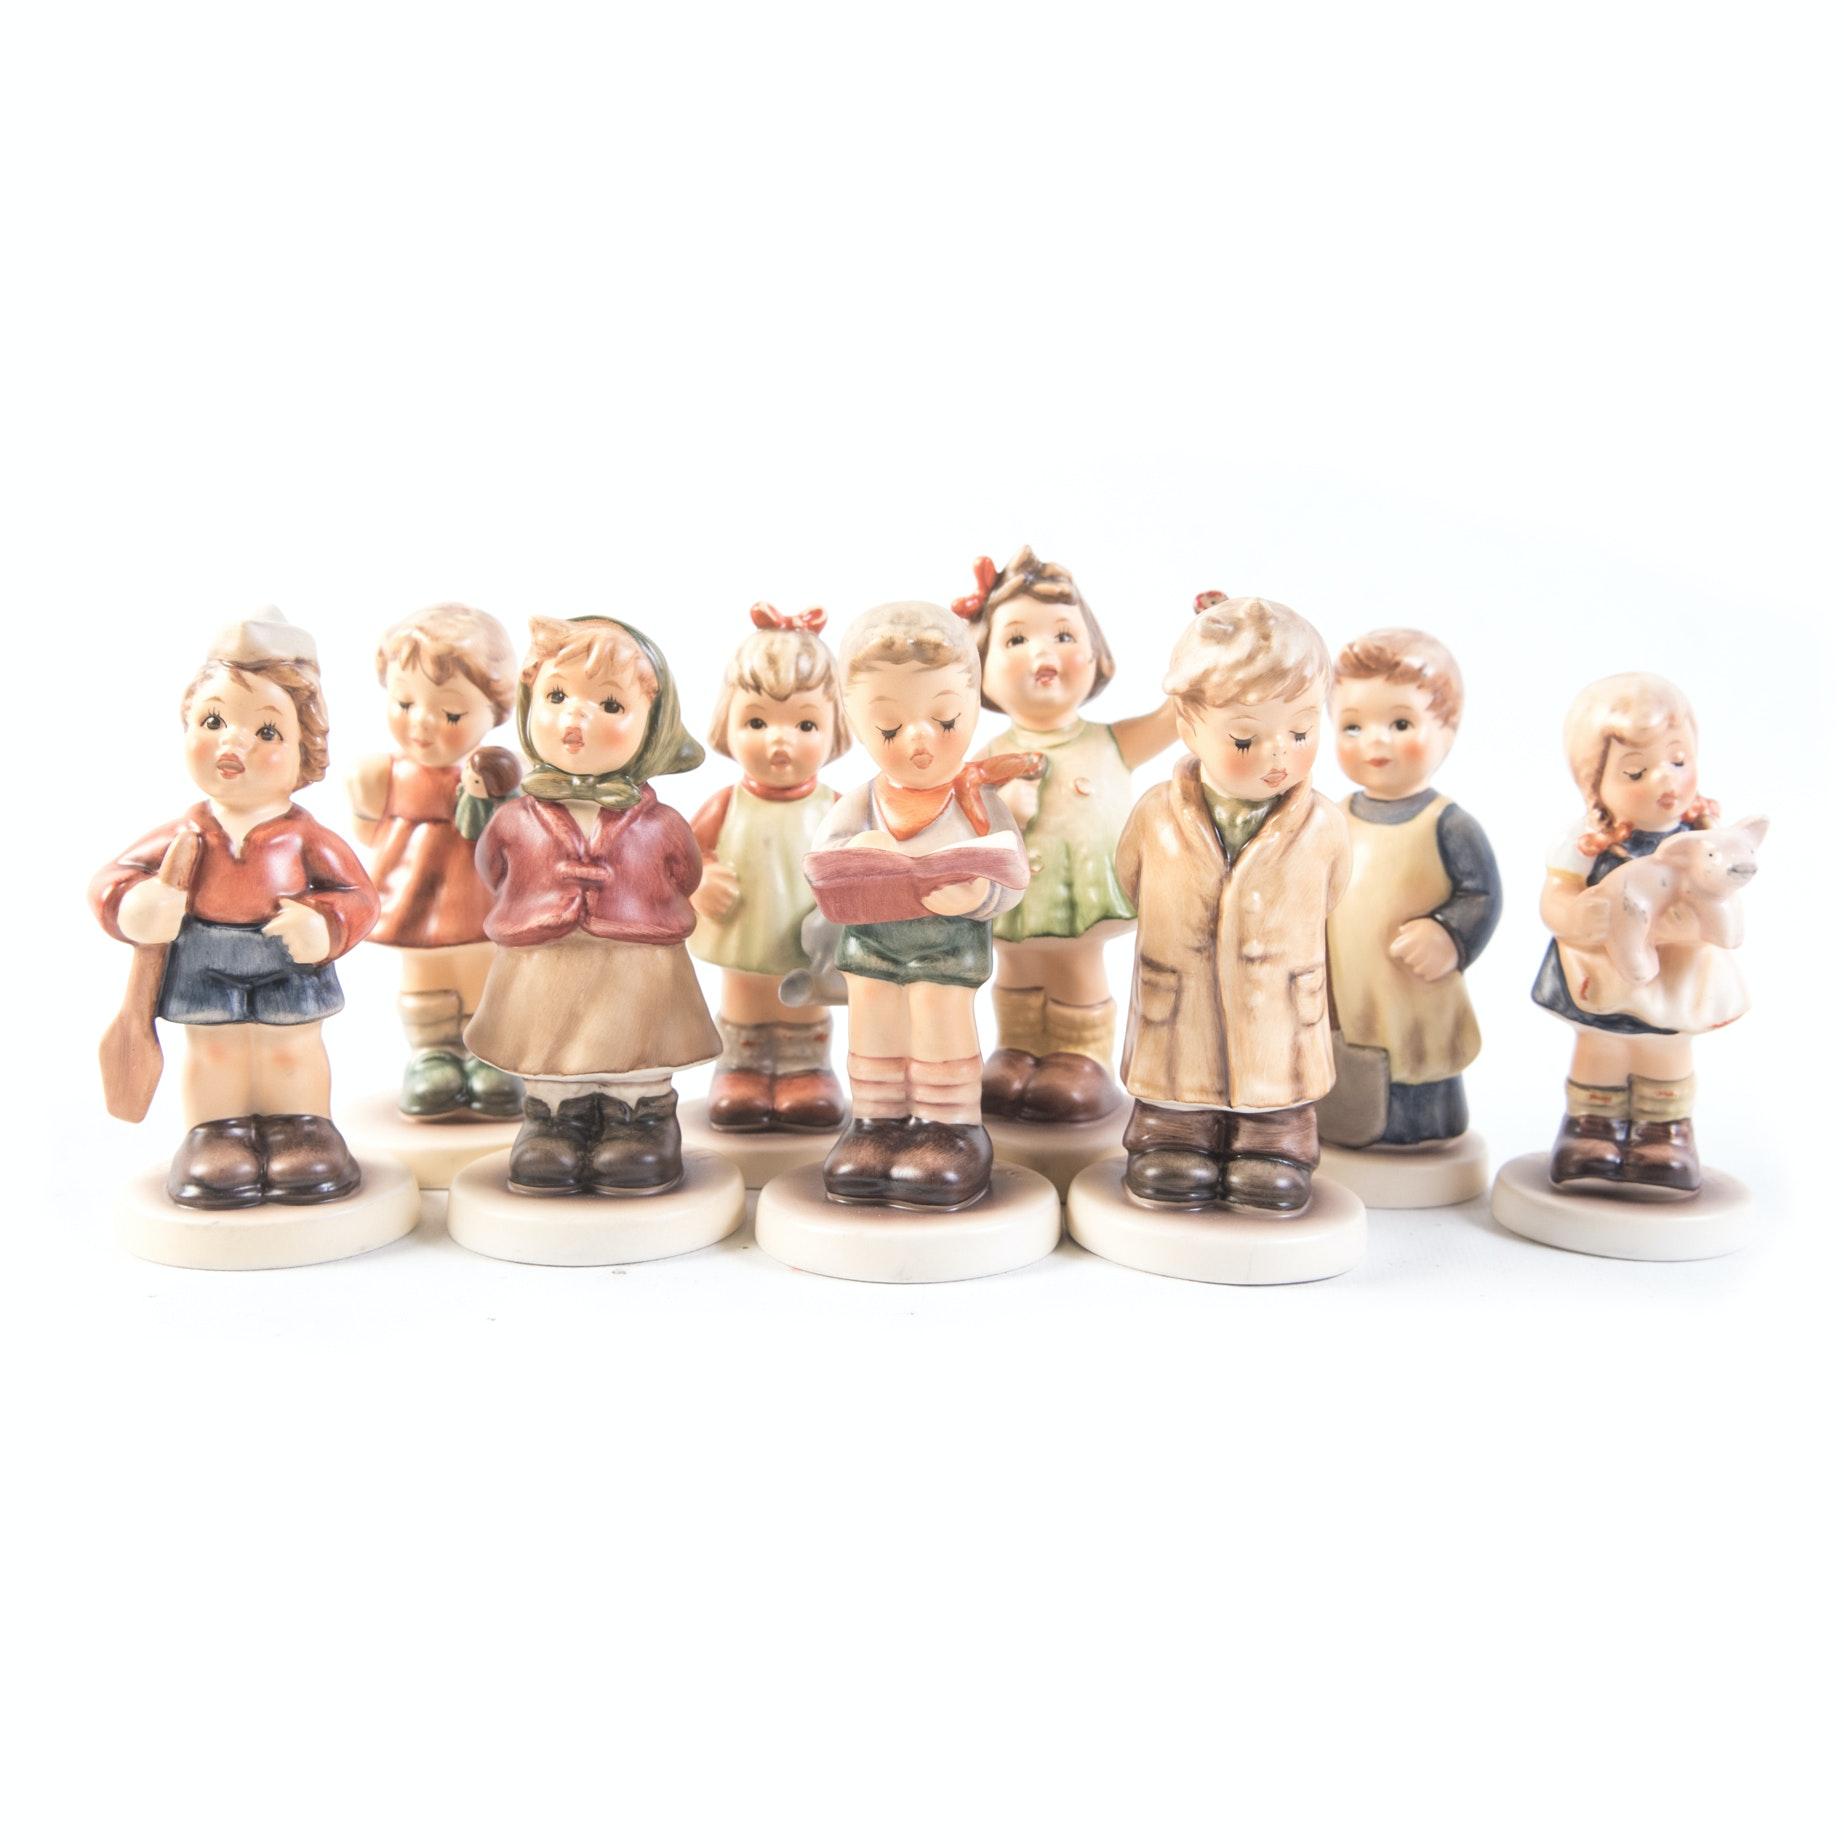 Nine Hummel Figurines